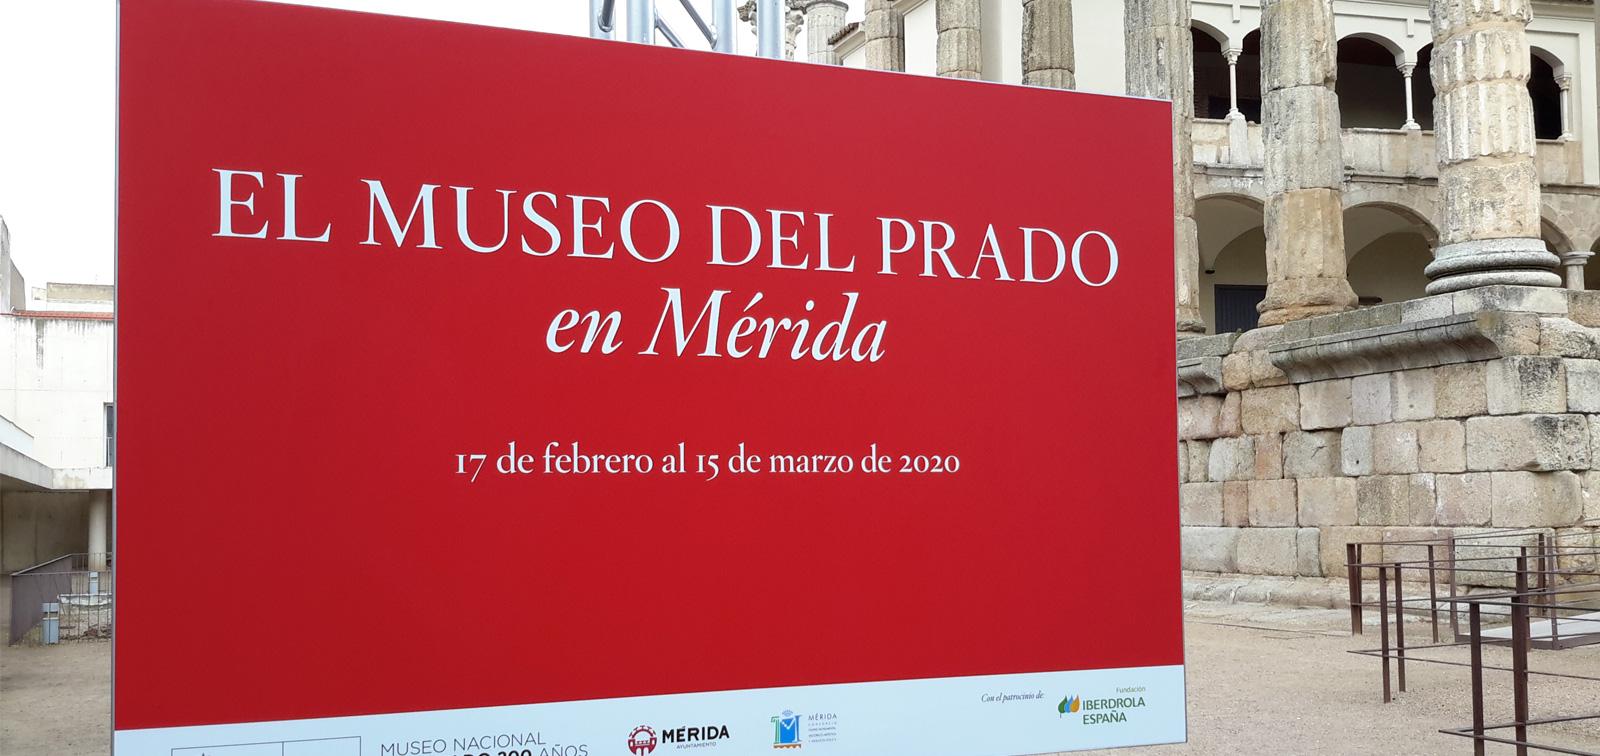 Exposición didáctica: El Museo del Prado en Mérida